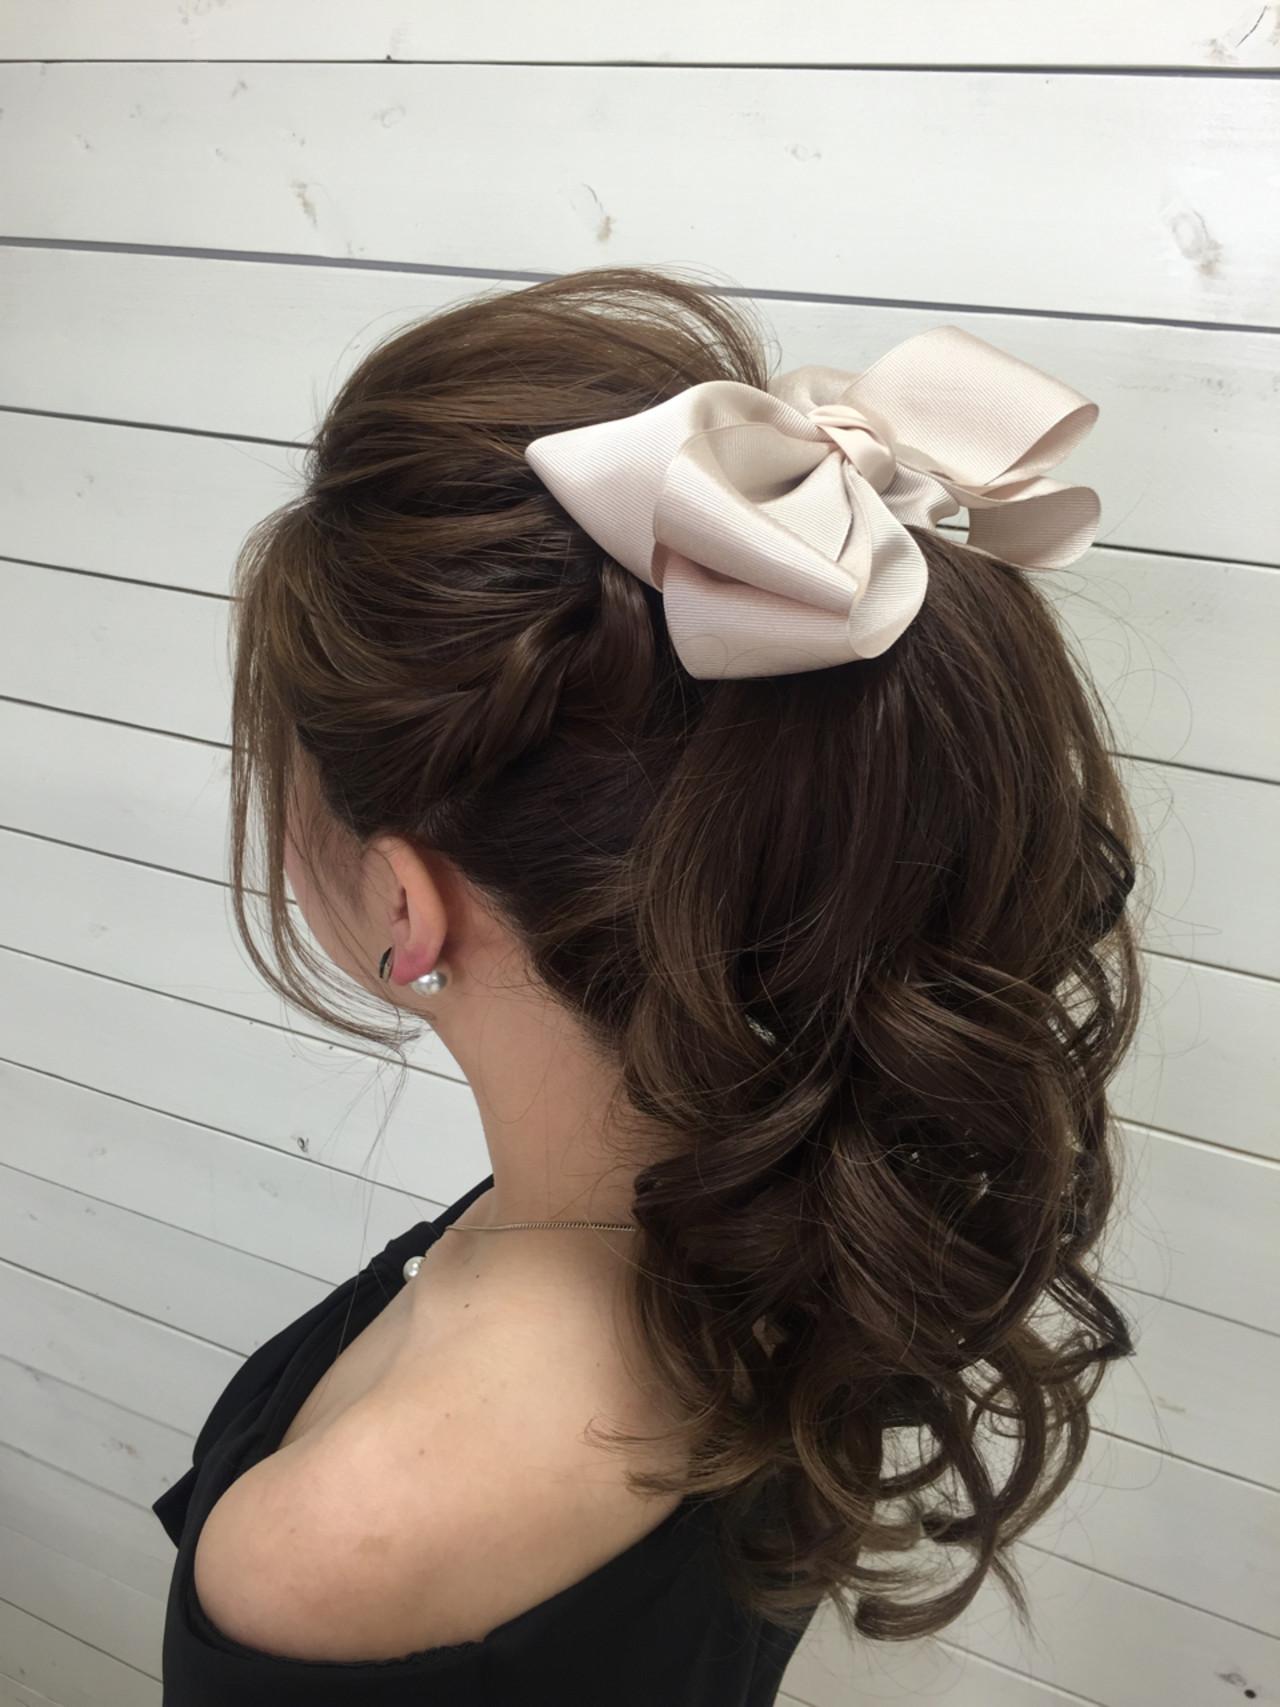 ロング ポニーテール アップスタイル ルーズ ヘアスタイルや髪型の写真・画像